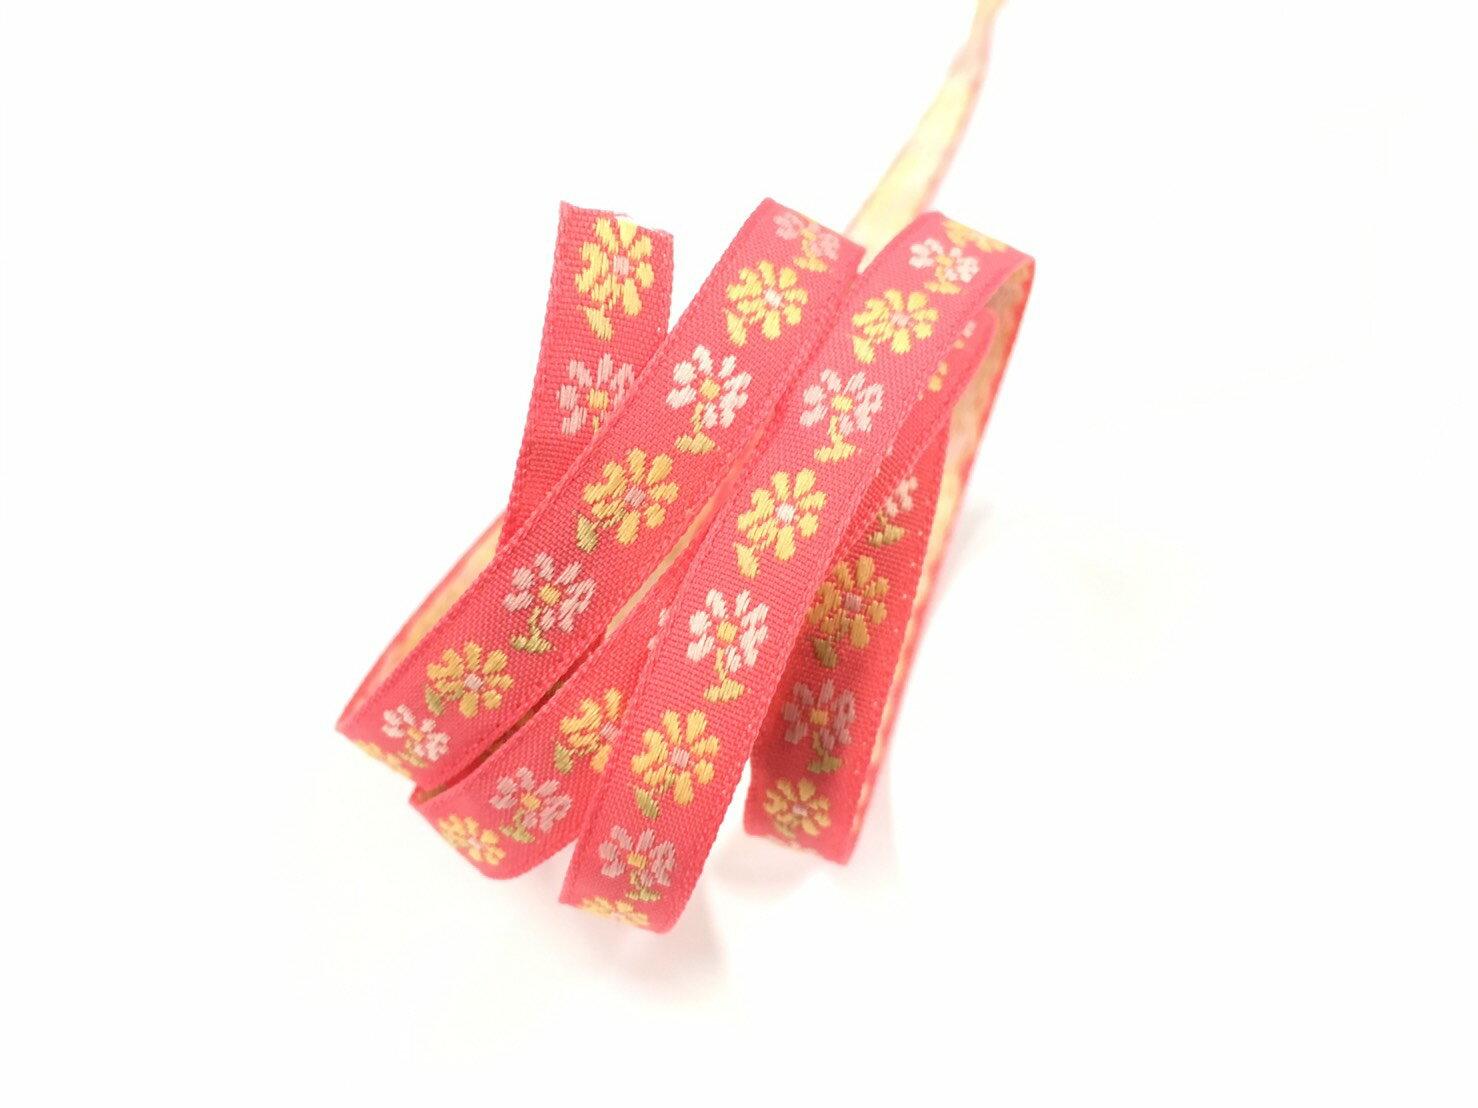 五瓣緹花緞帶 9mm 3碼 (7色) 1